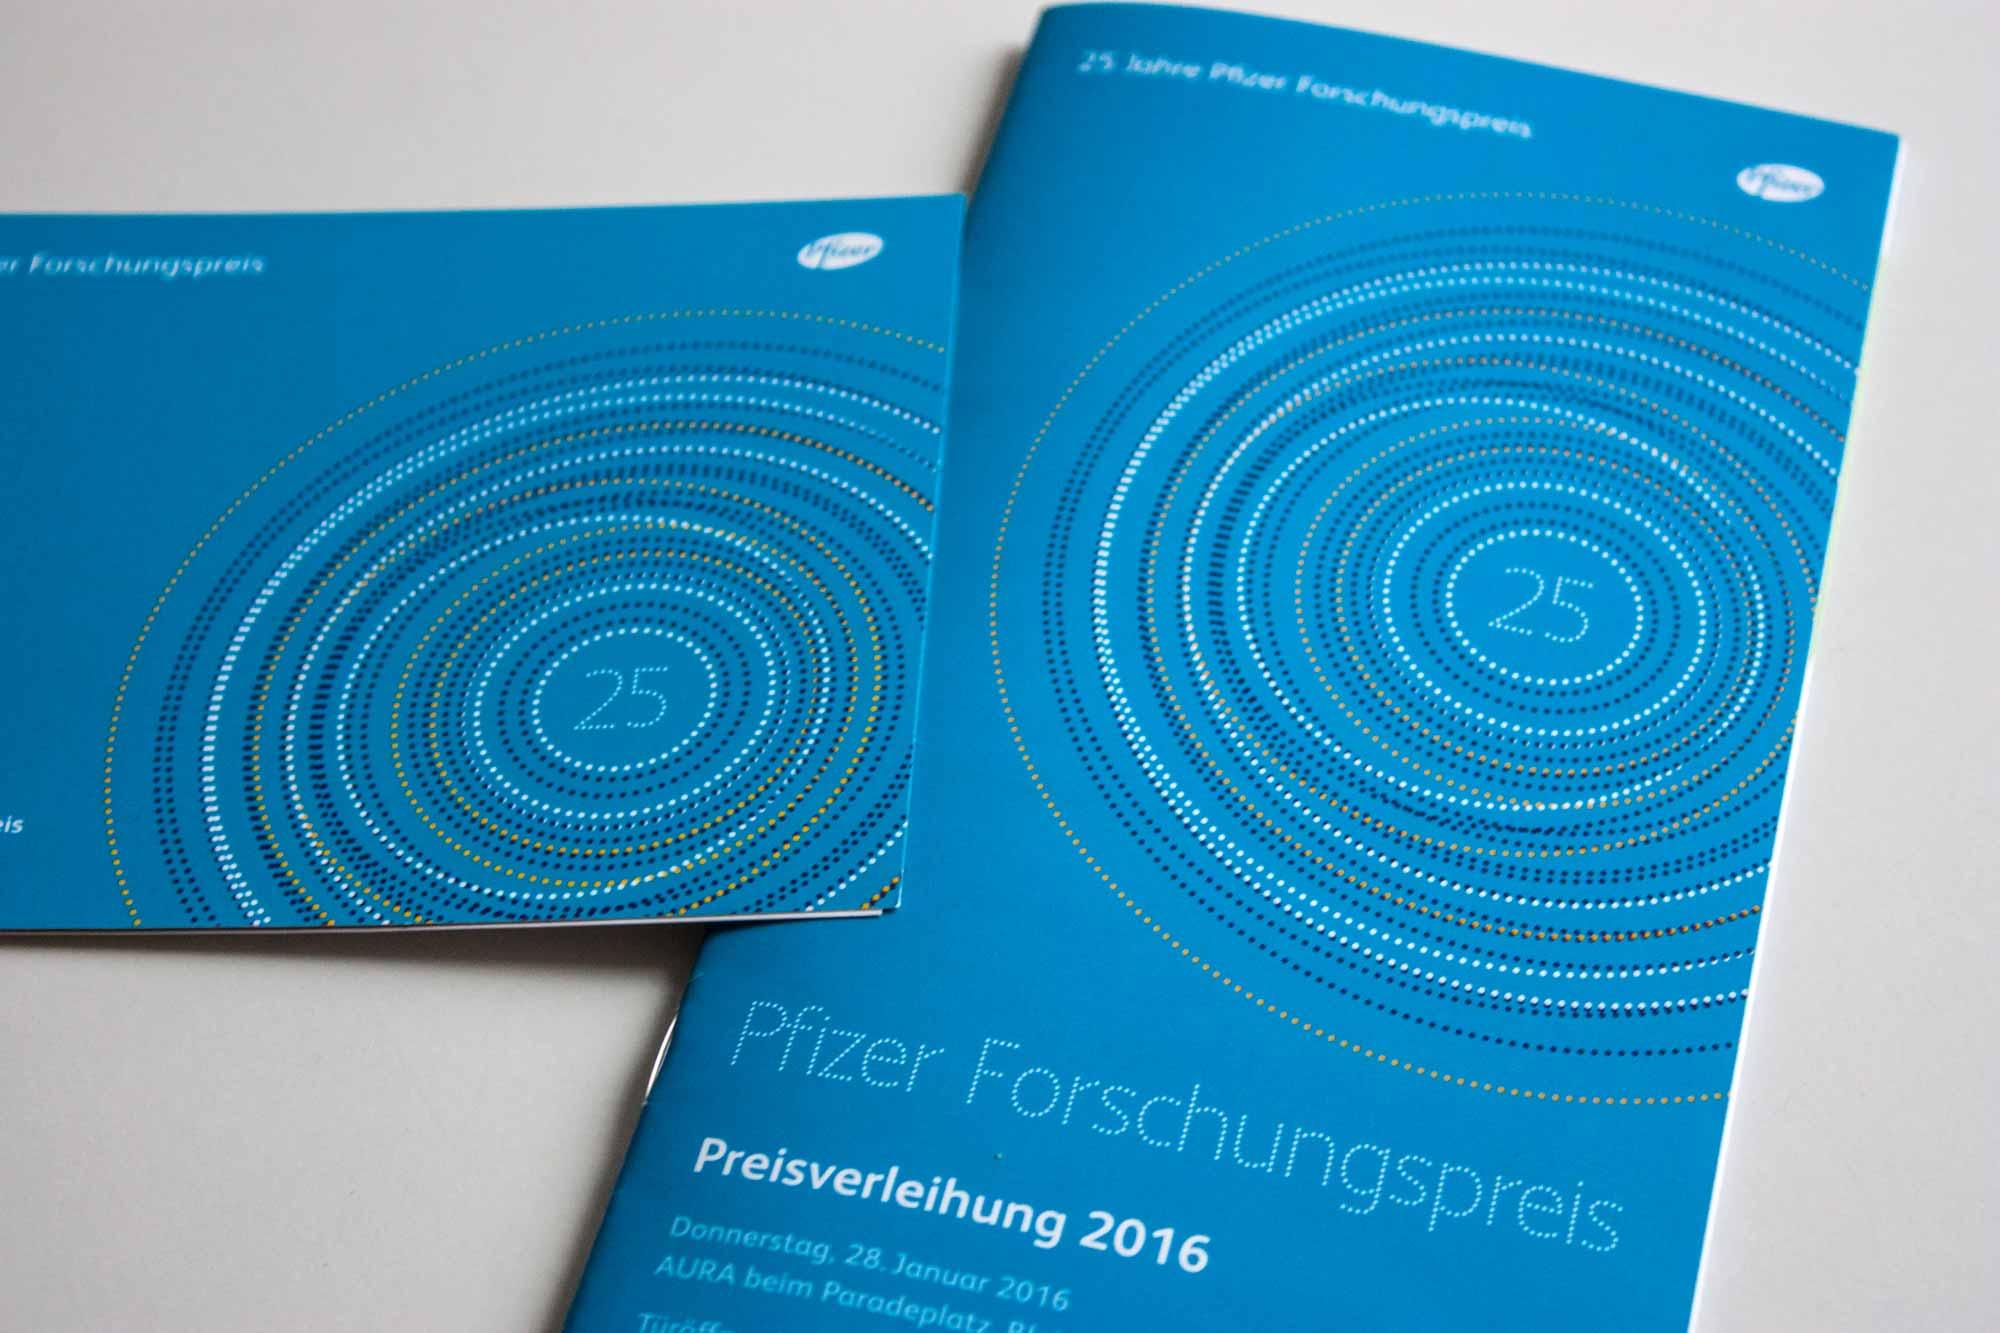 Broschuere und Klappflyer fuer das 25-jährige Jubilaeum des Pfizer Forschungspreises